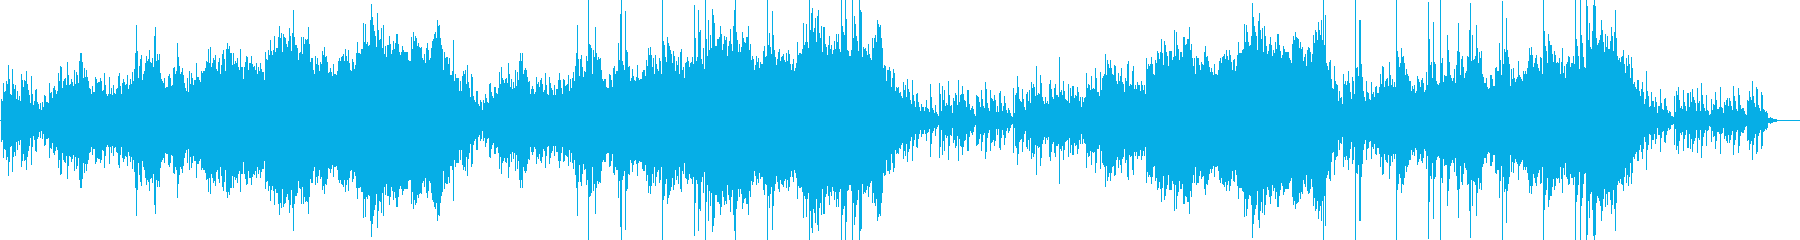 ミステリアス ホラー BGMの再生済みの波形